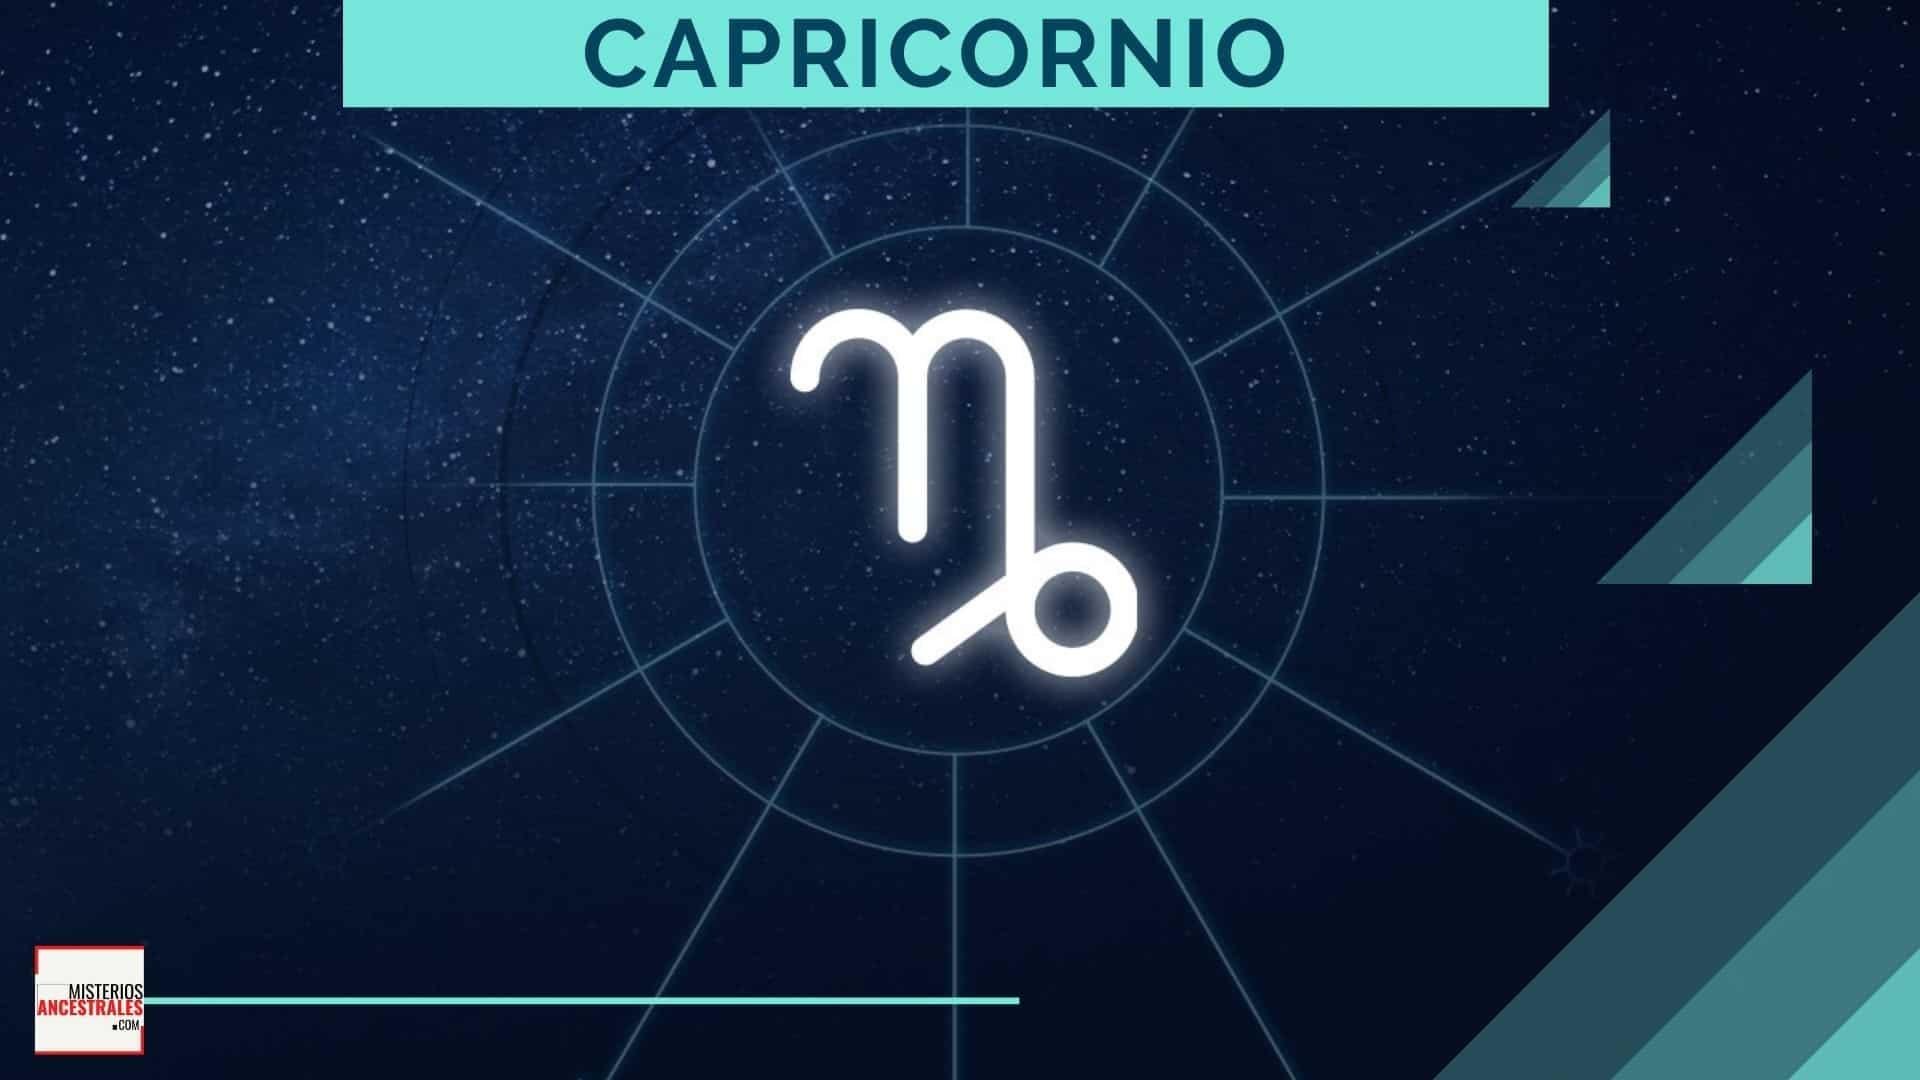 Signo Capricornio